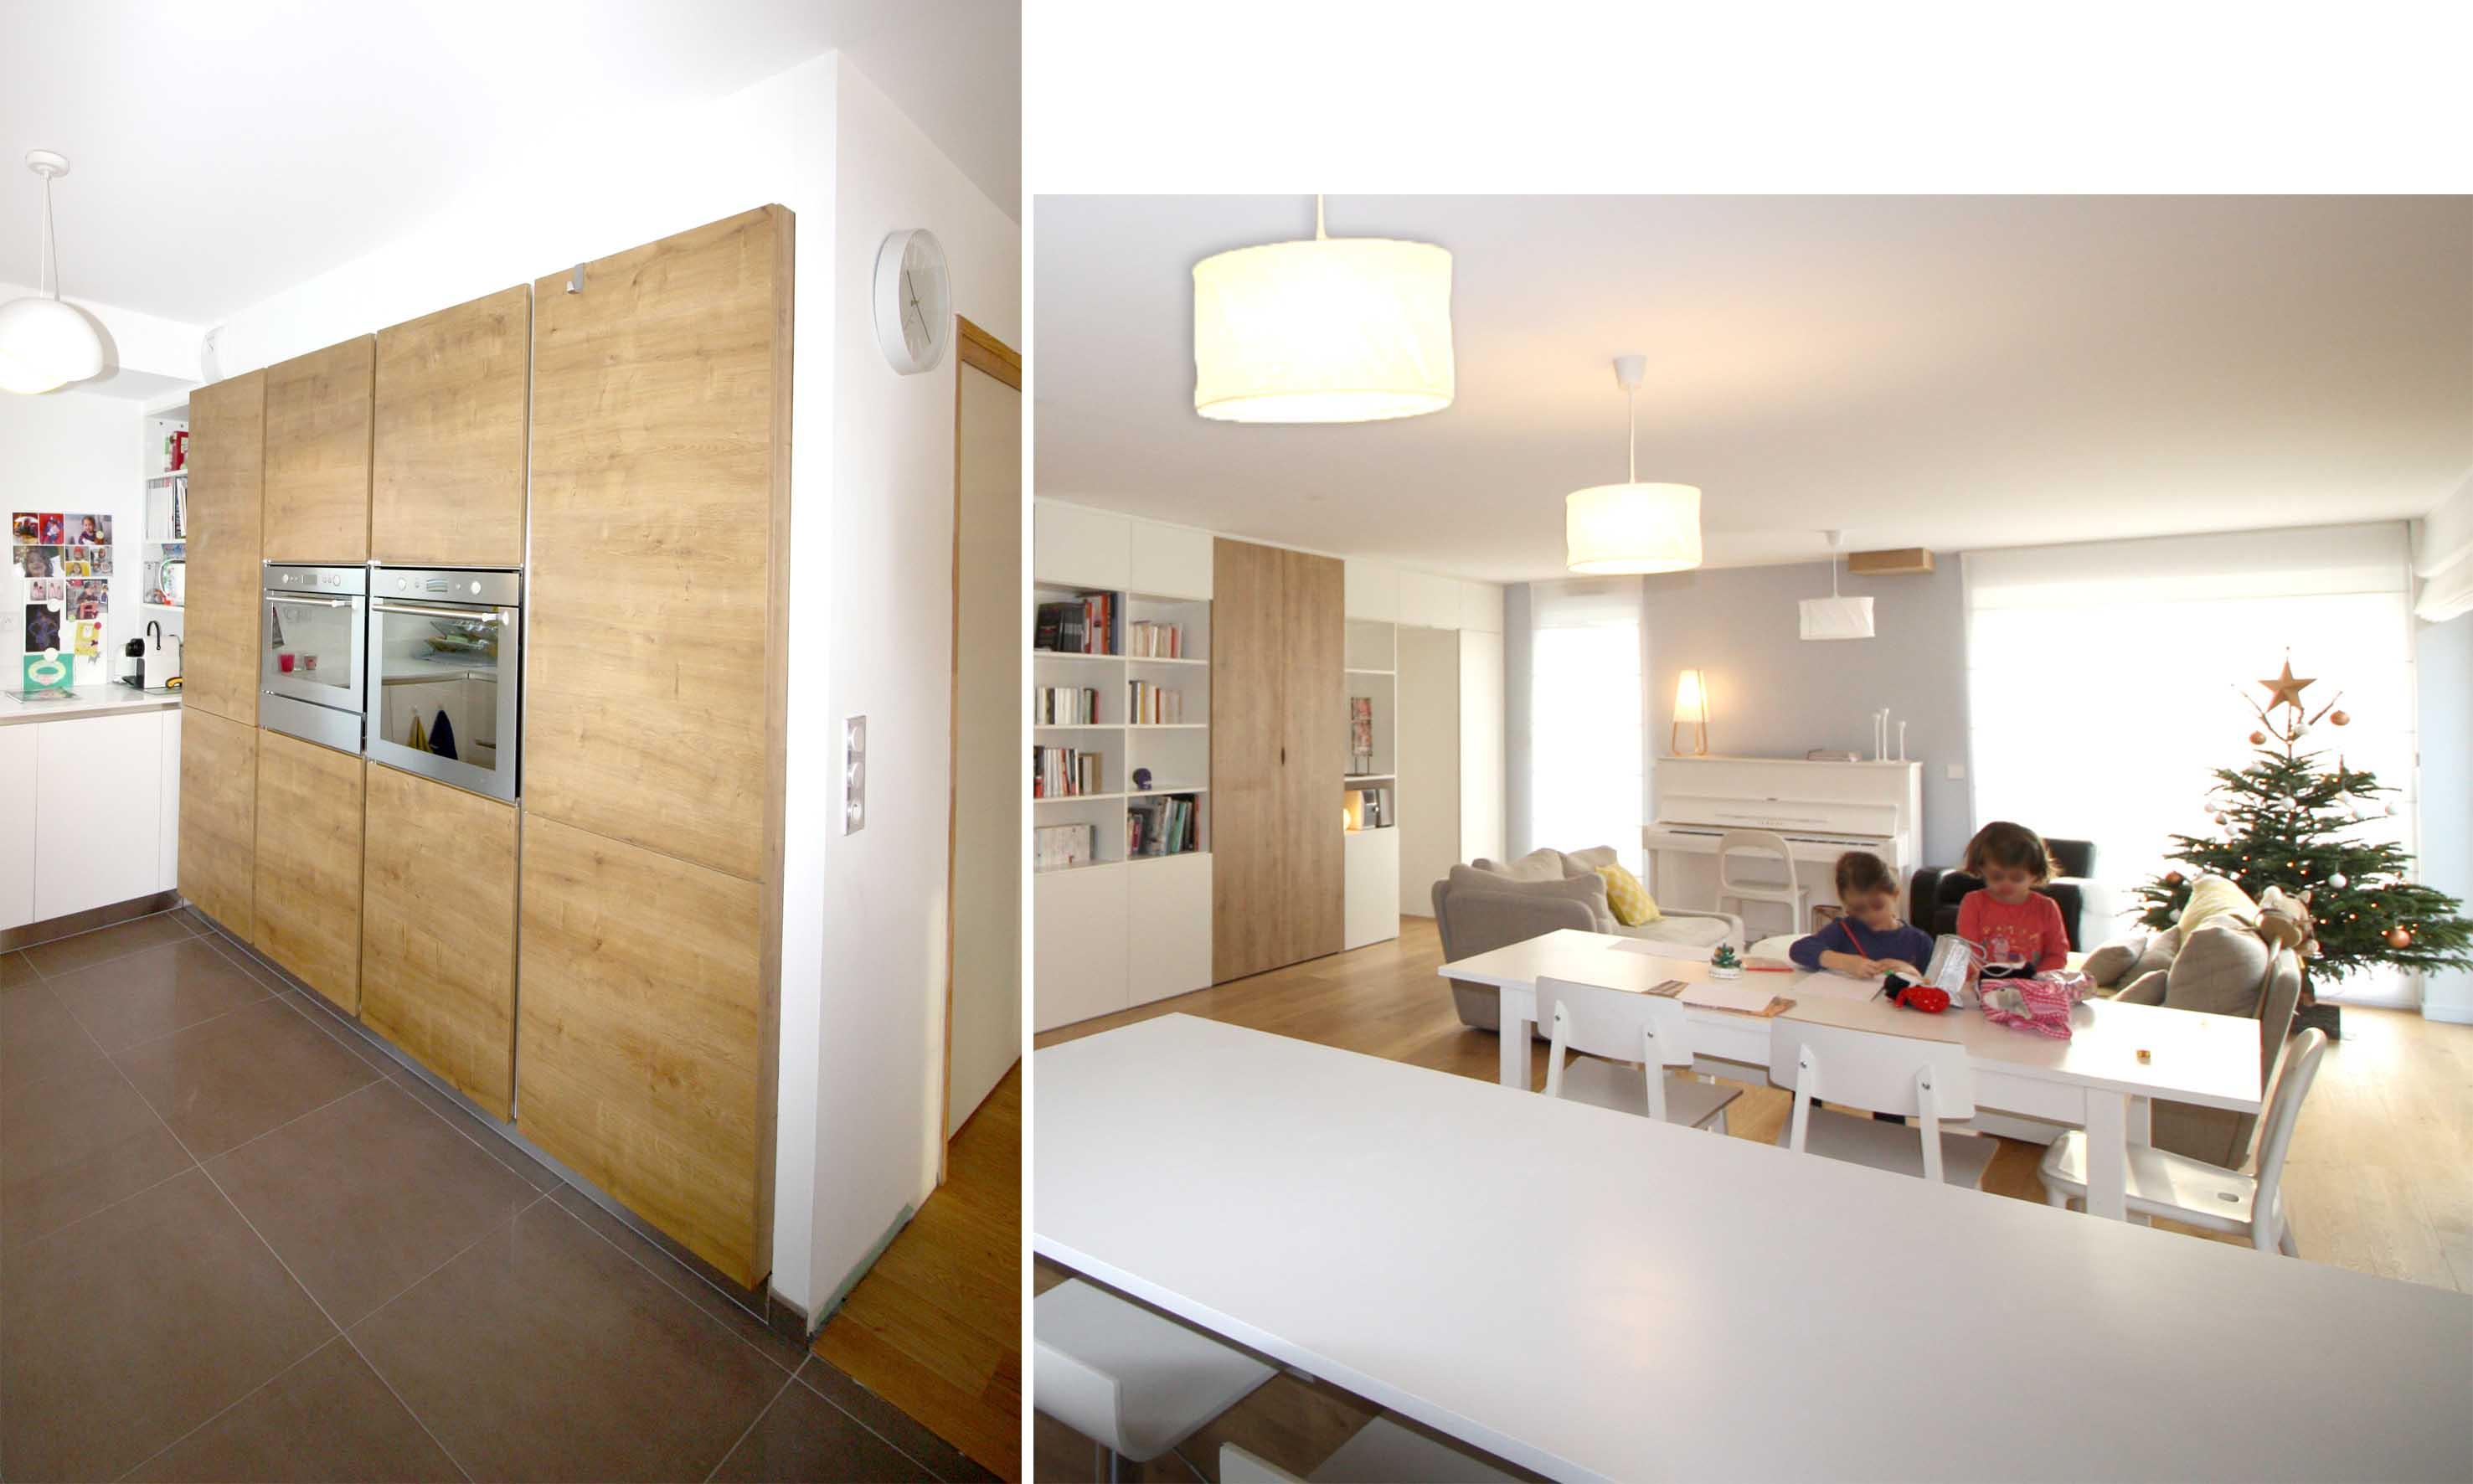 Interieur maison neuve maison moderne for Interieur maison neuve